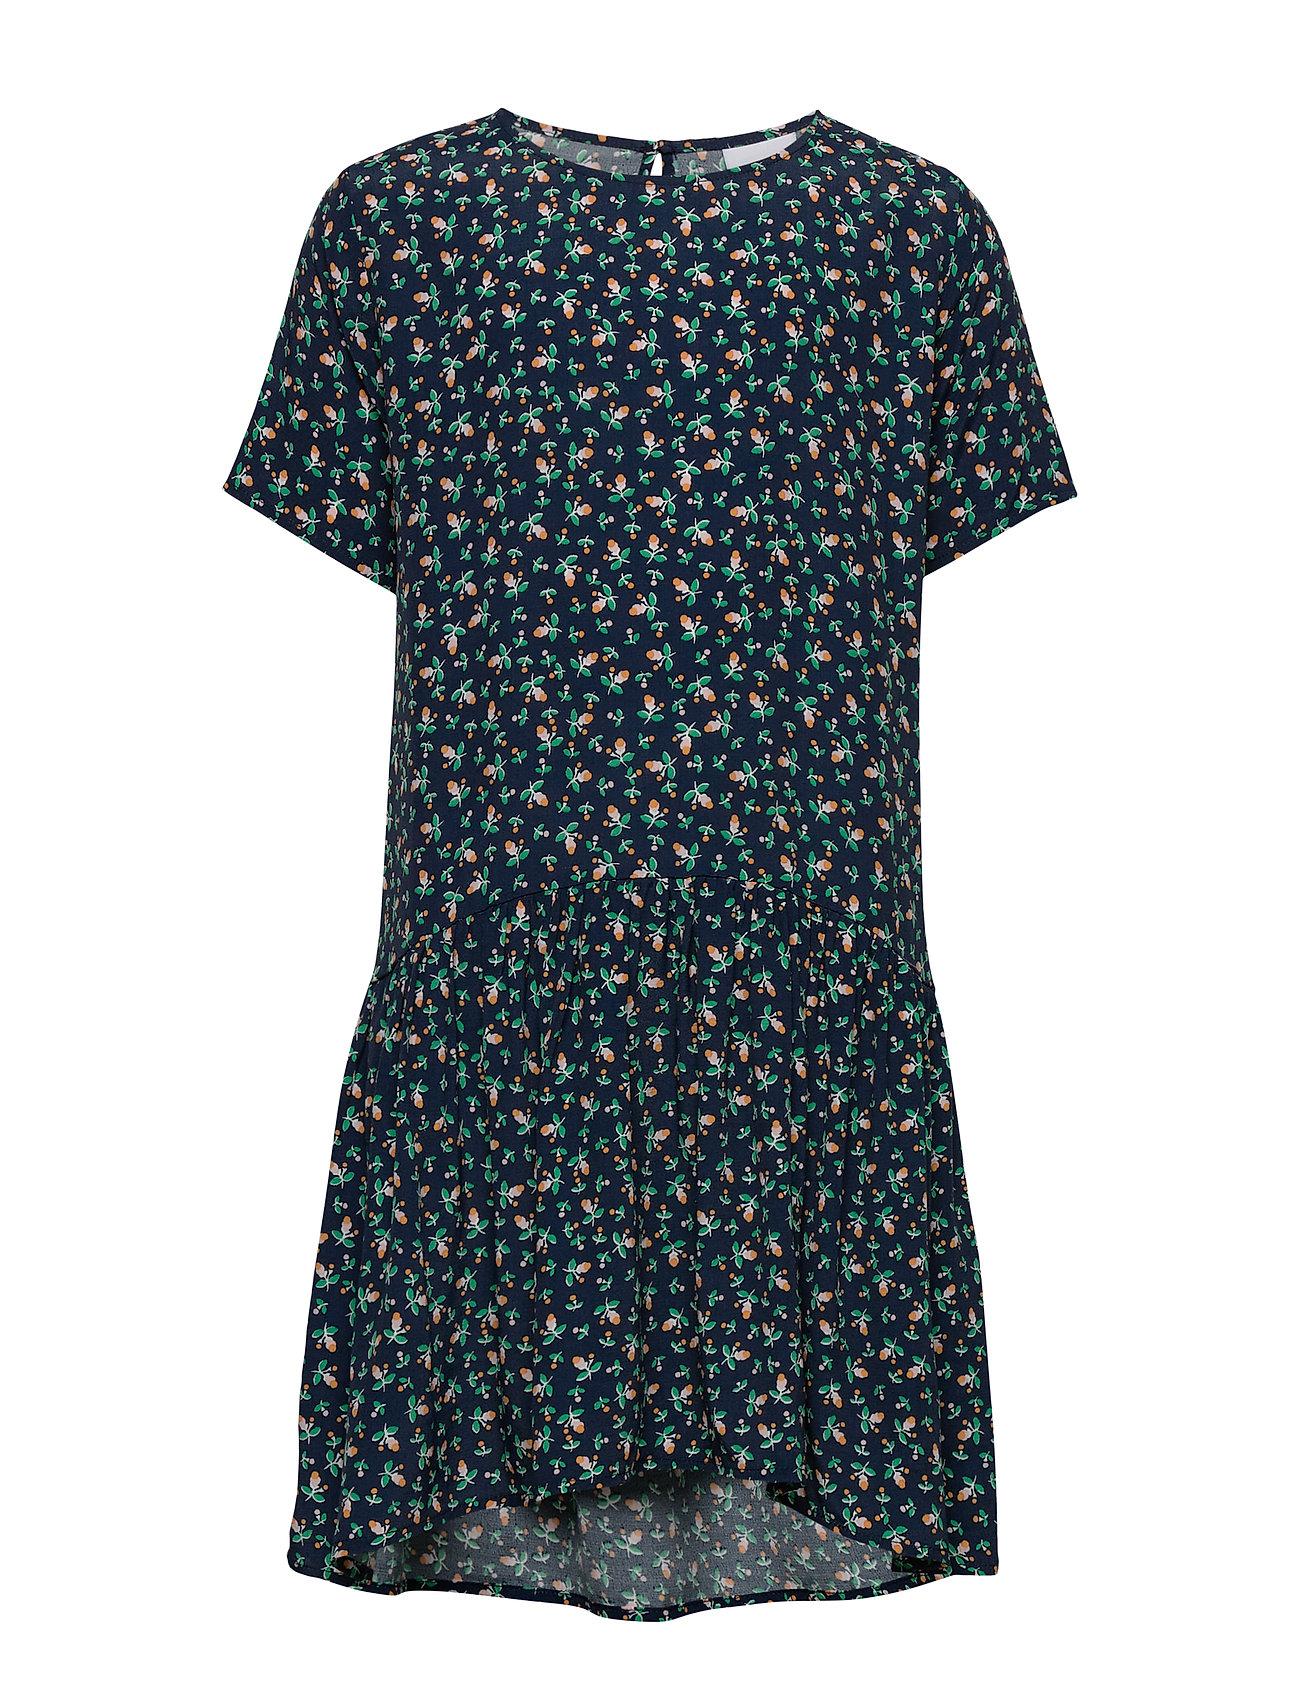 Image of Puk S_s Dress Kjole Blå The New (3410696907)